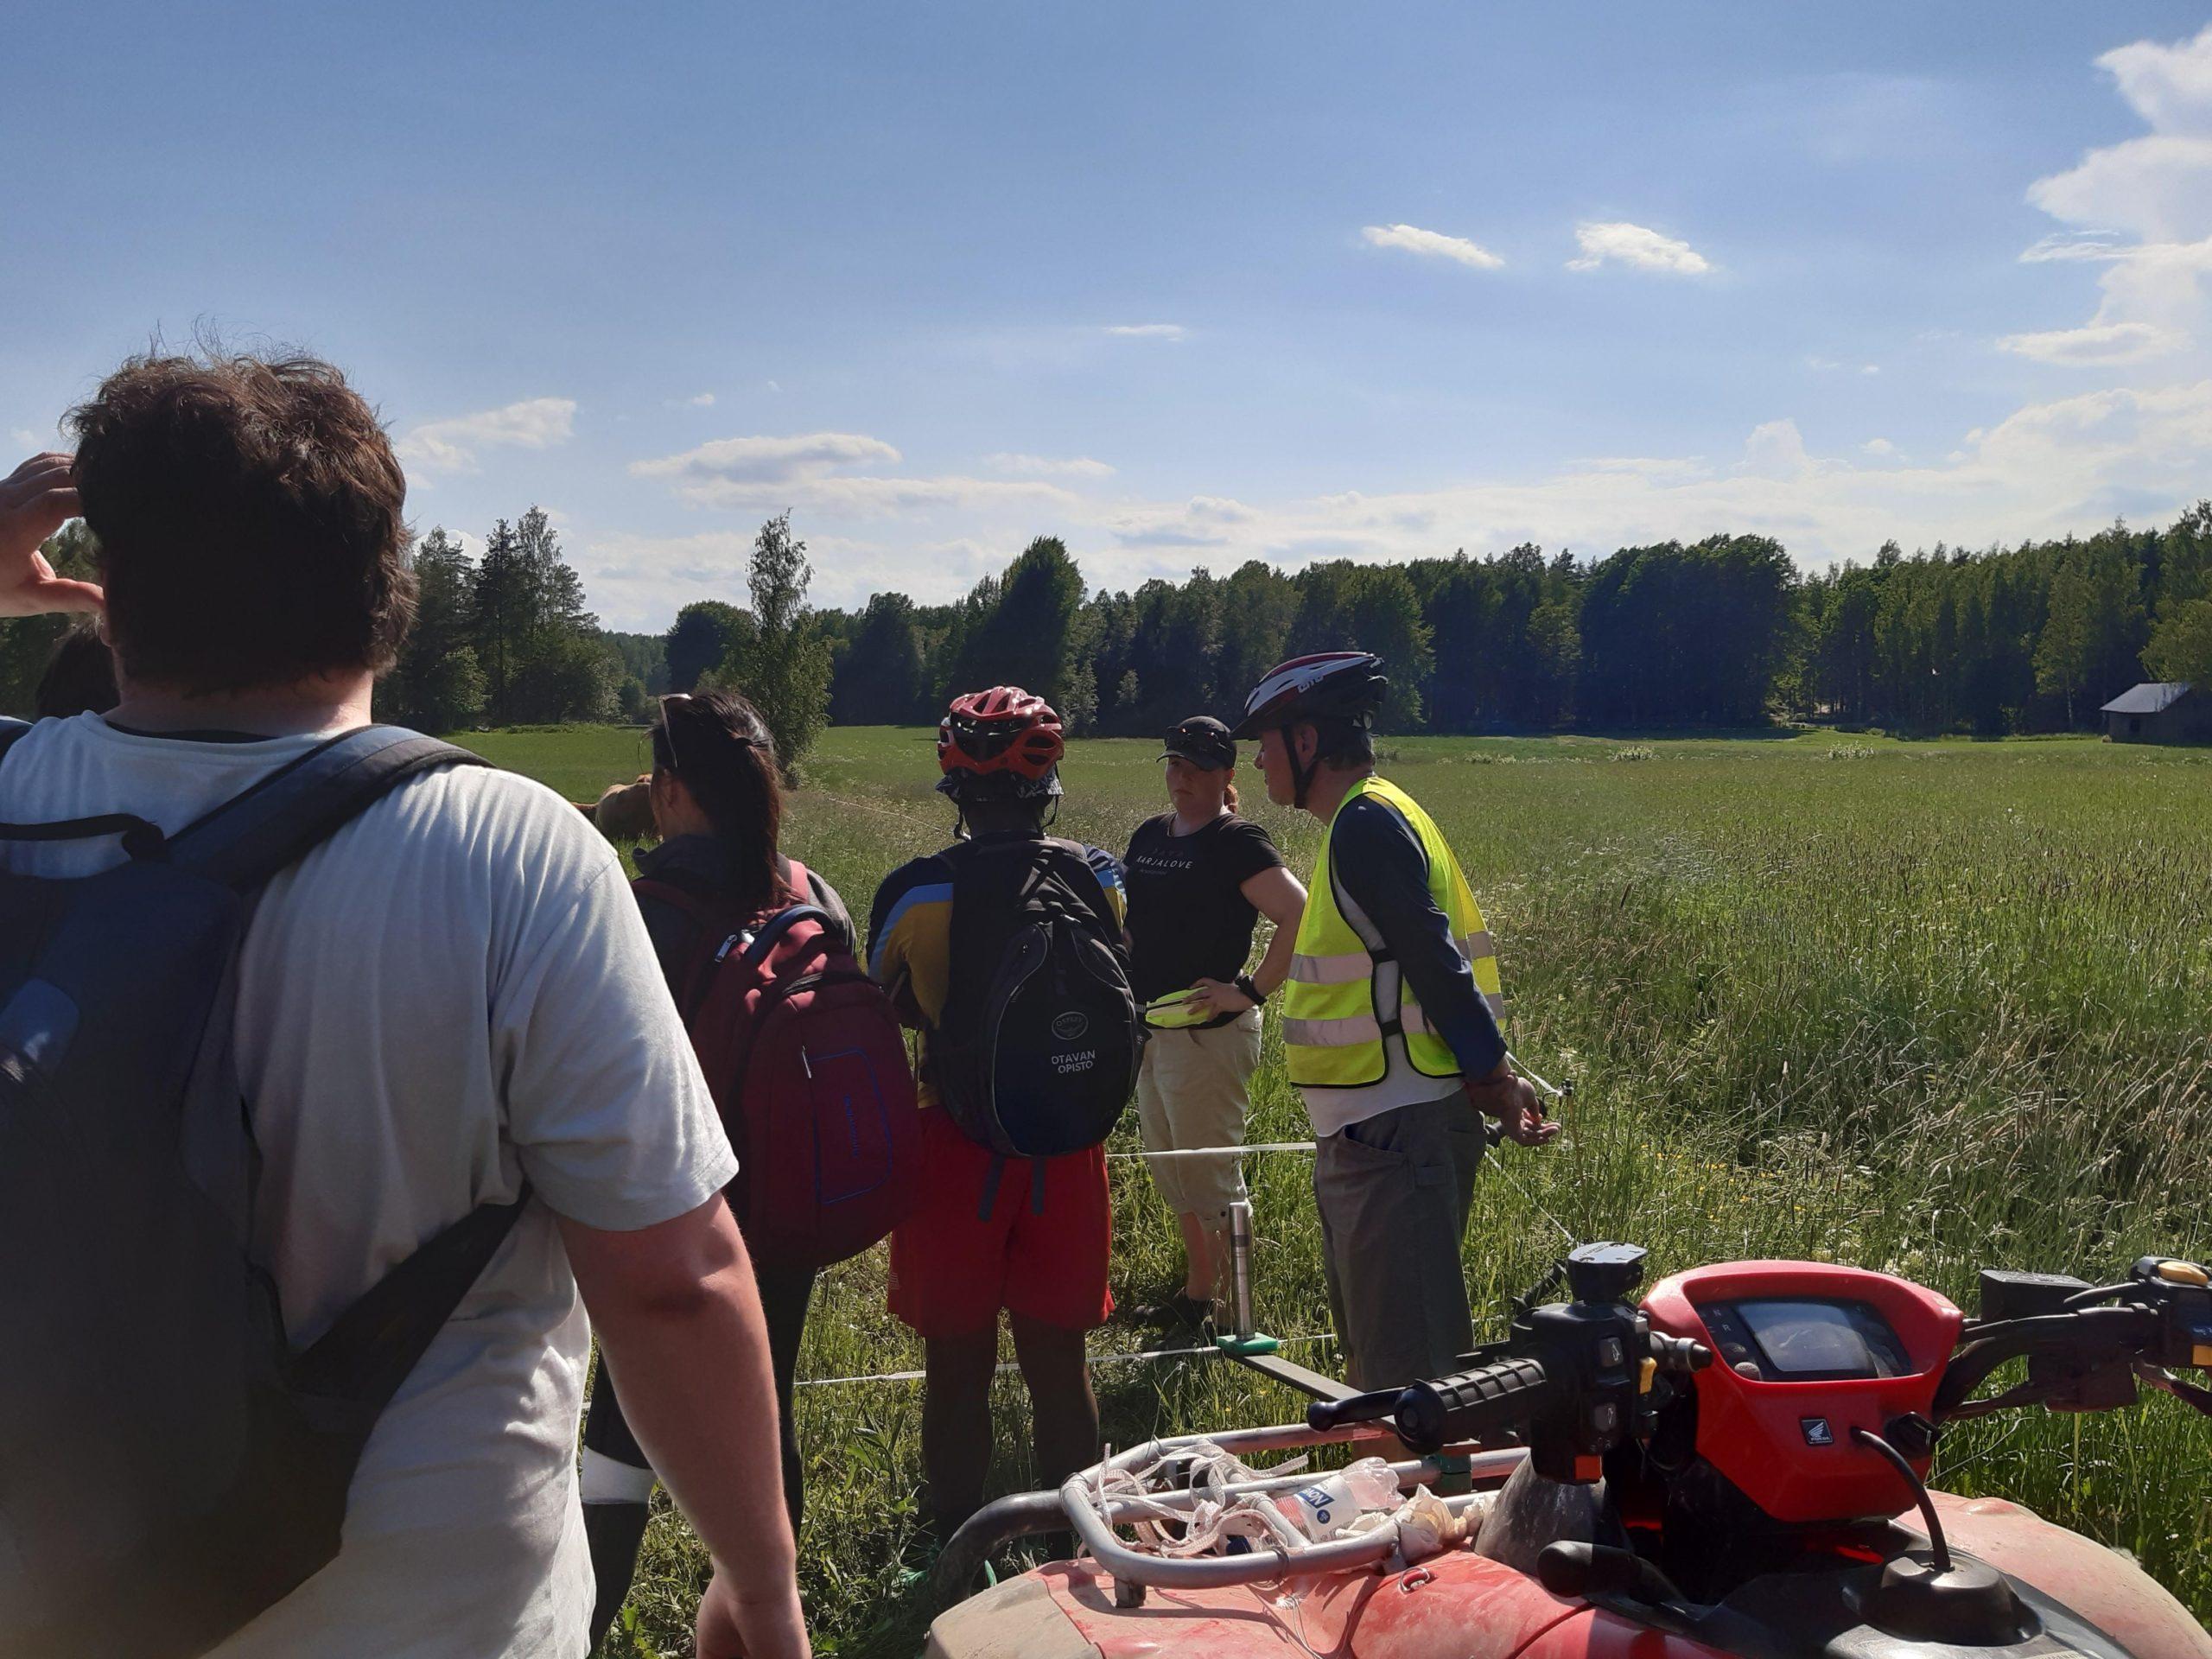 Pyöräilijät pitävät taukoa pellon laidassa kauniina kesäpäivänä.